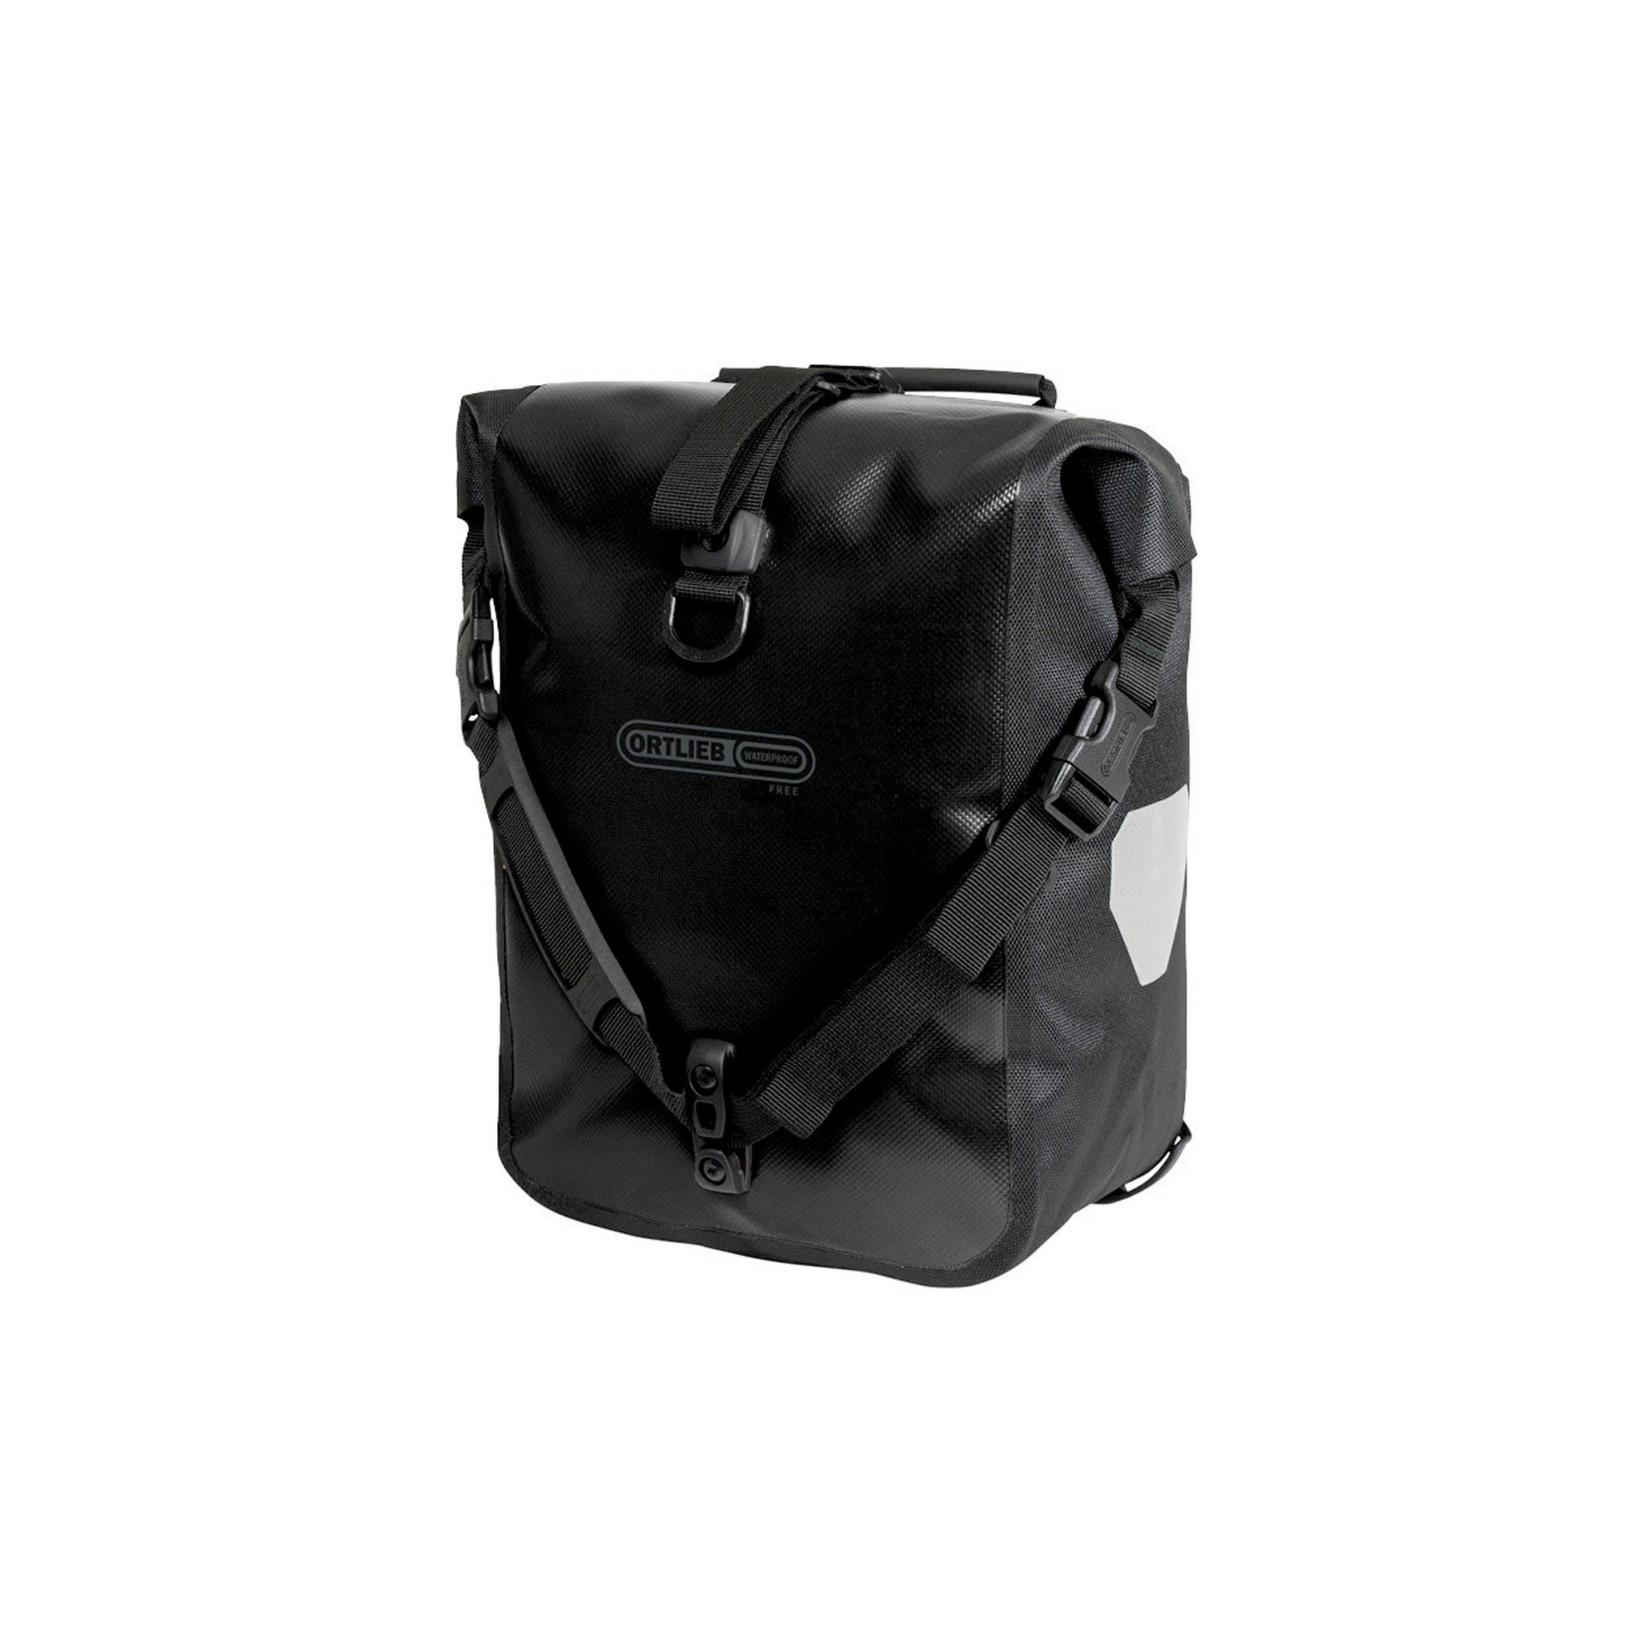 ORTLIEB ORTLIEB - Taschen Sport-Roller Free QL2.1 25L - rust-black